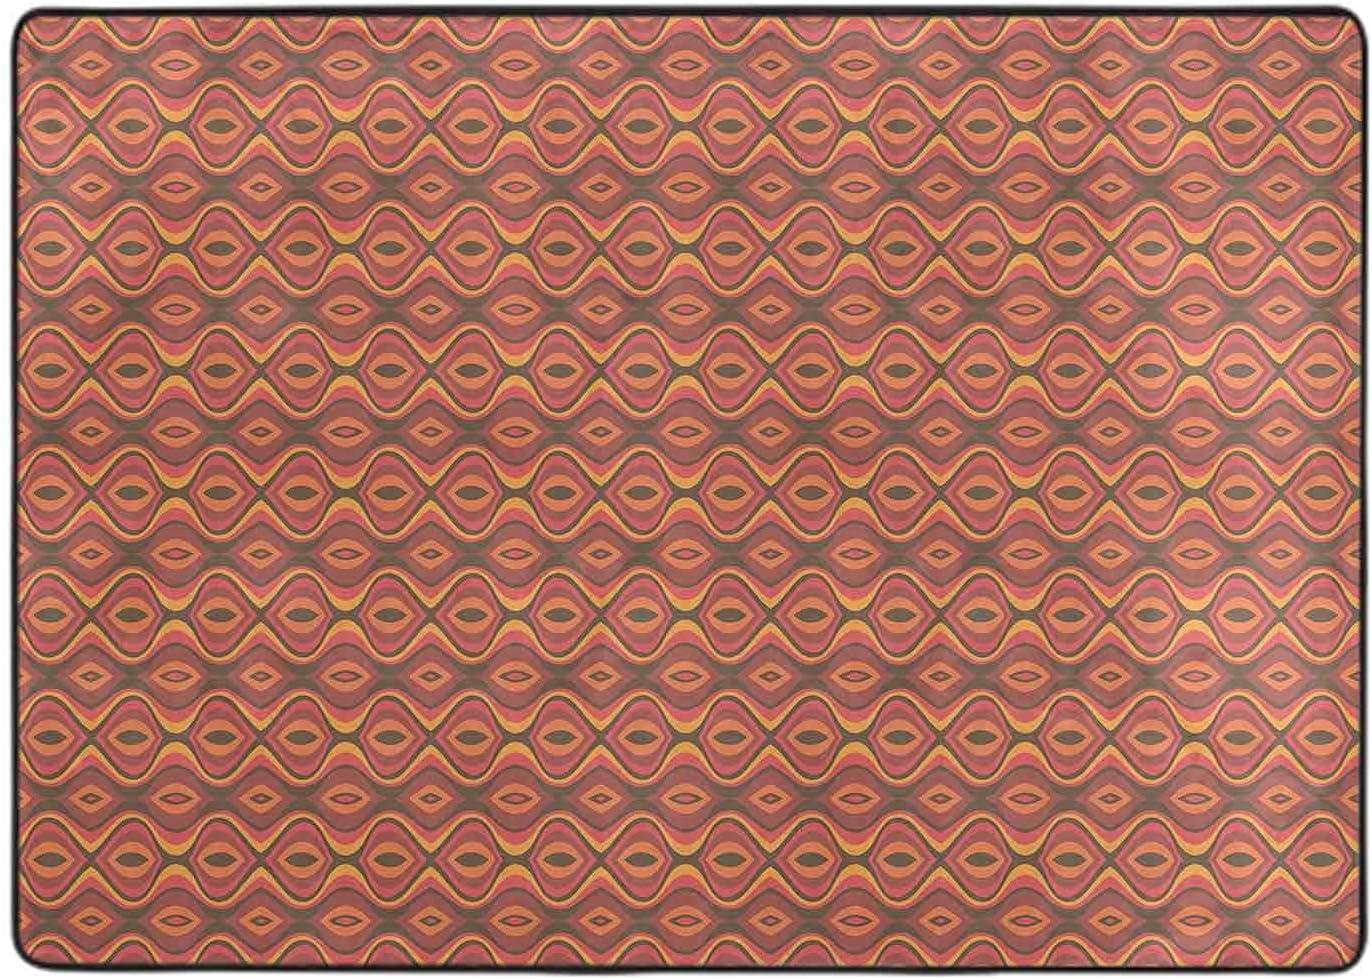 Long-awaited Carpet for Bedroom Folk Horizontal Hip Wavy Branded goods Stripes Traditional